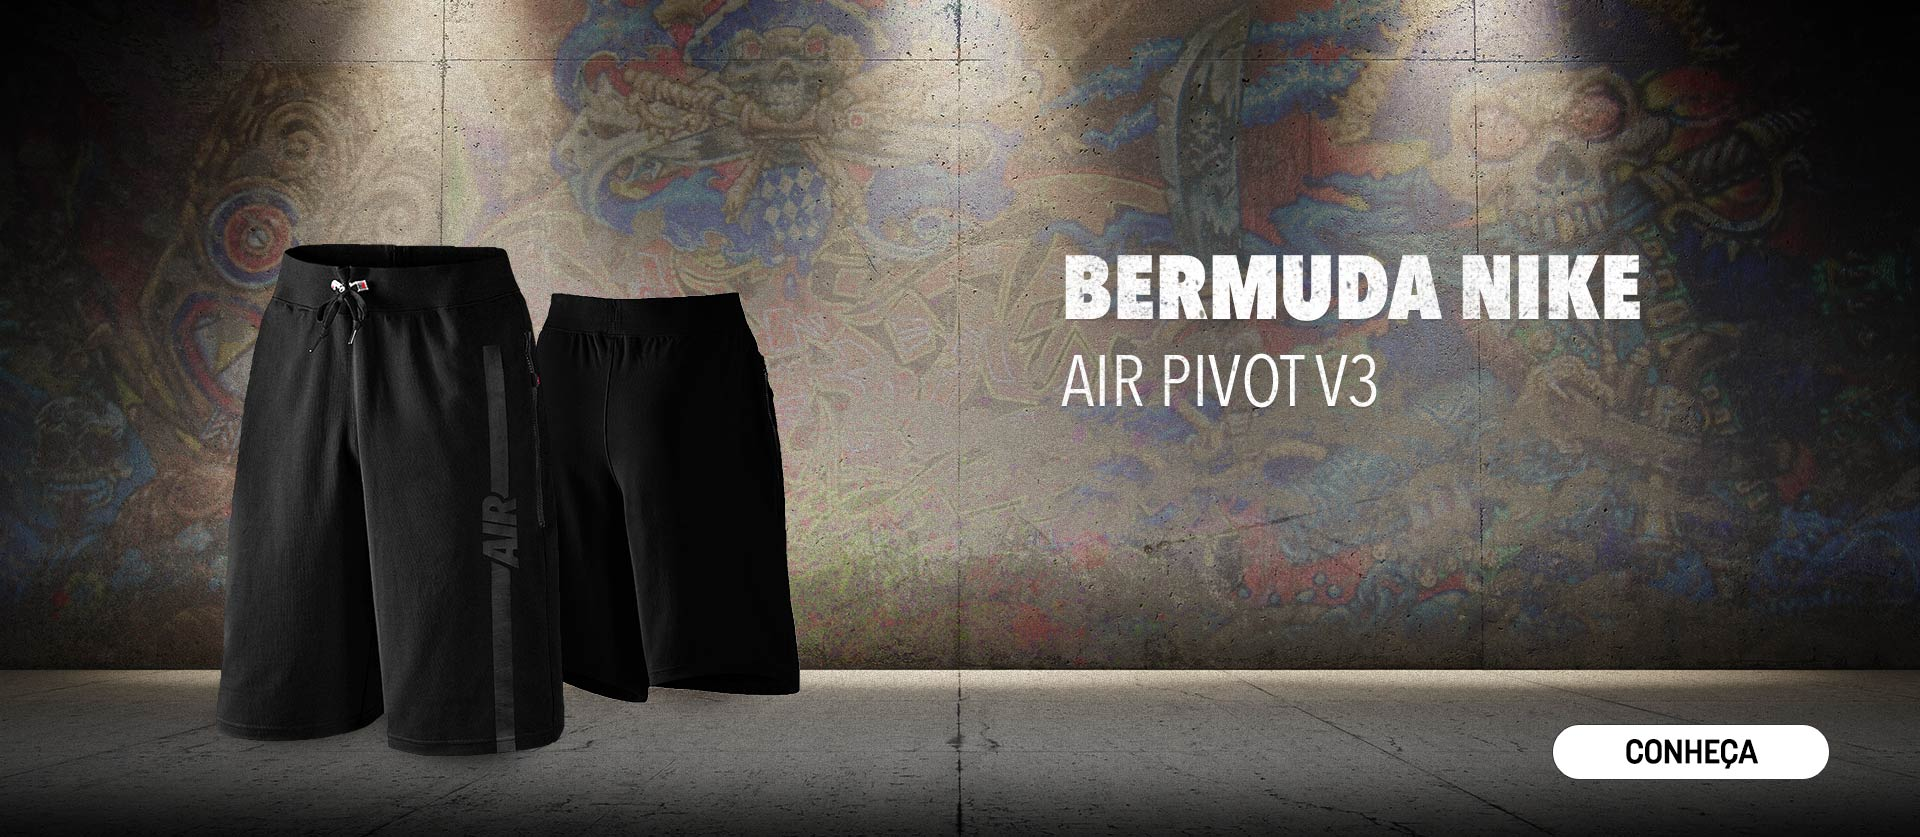 Bermuda Nike Air Pivot V3